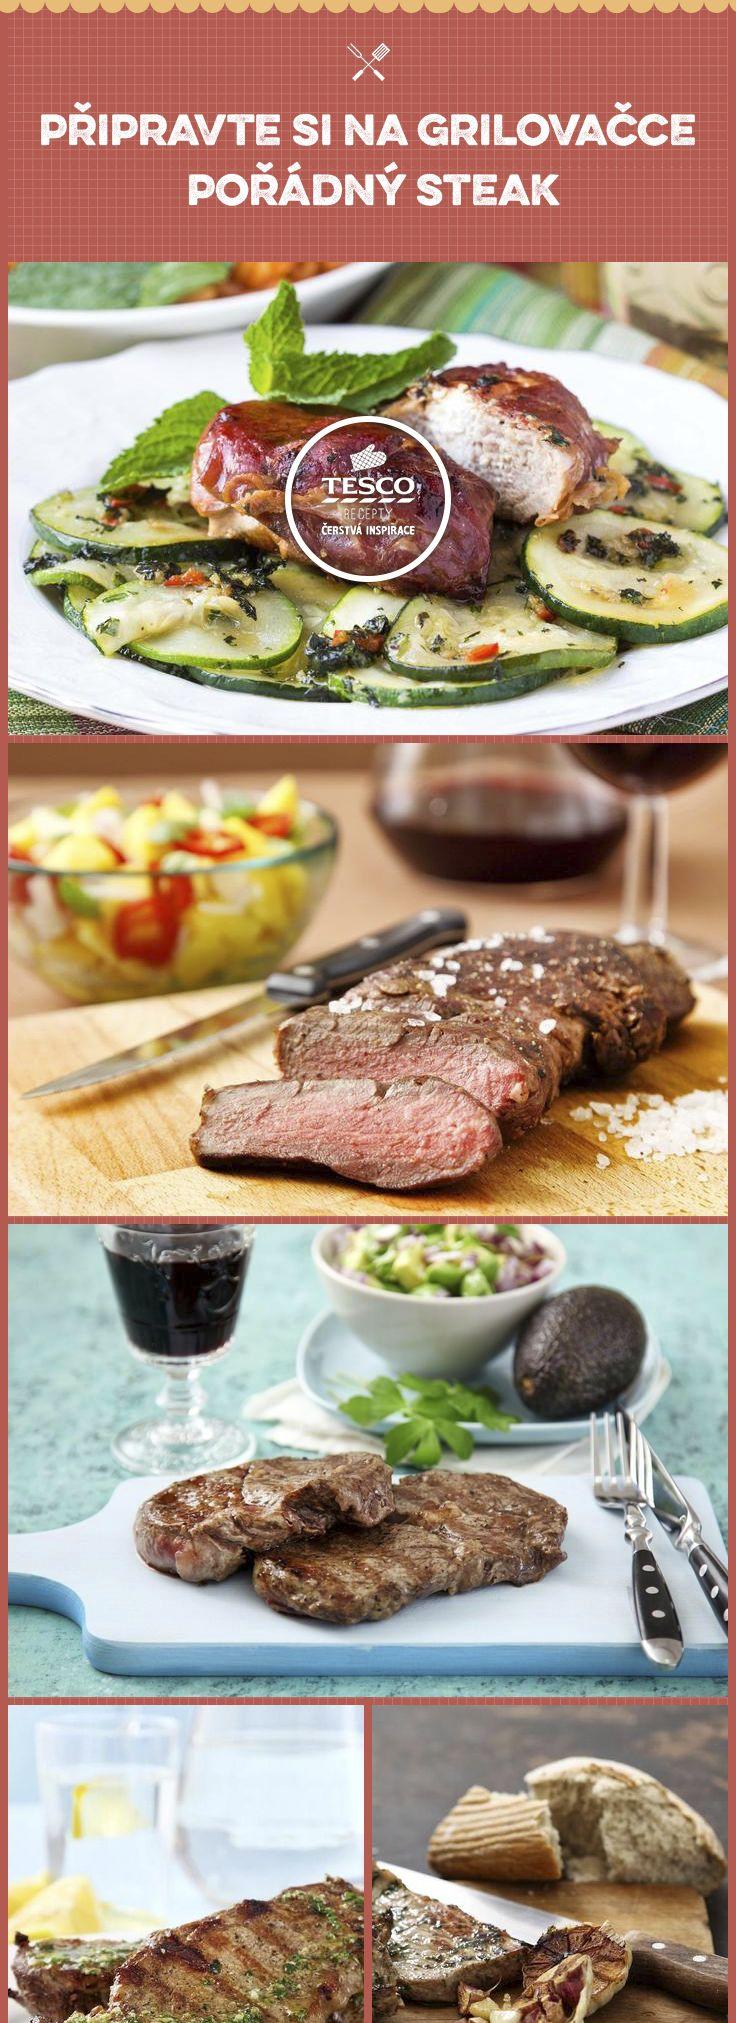 Co takhle pořádný steak?